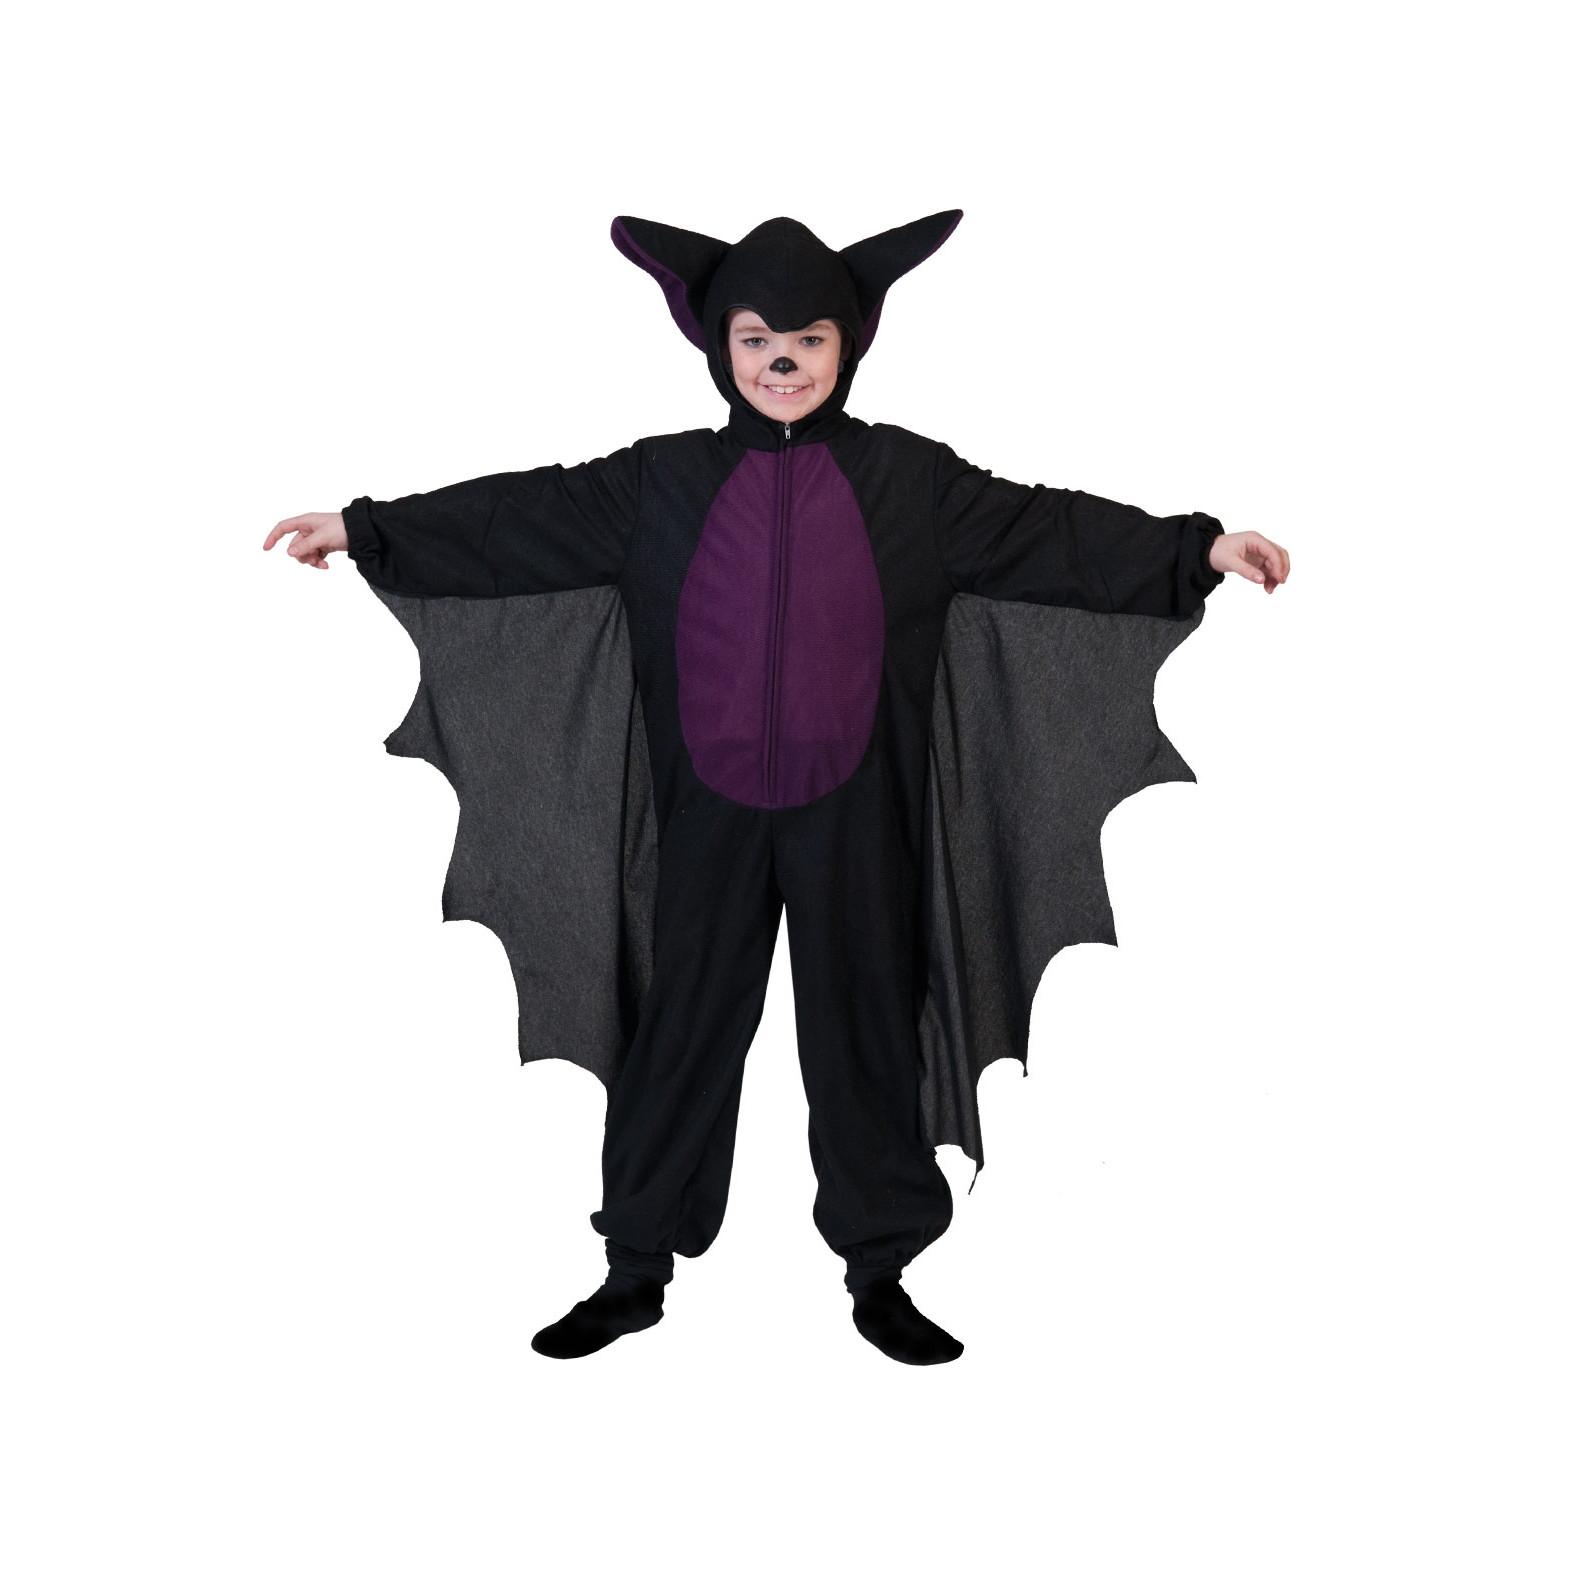 vendibile online qui ma non volgare Costume Pipistrello animale nero/viola in peluches